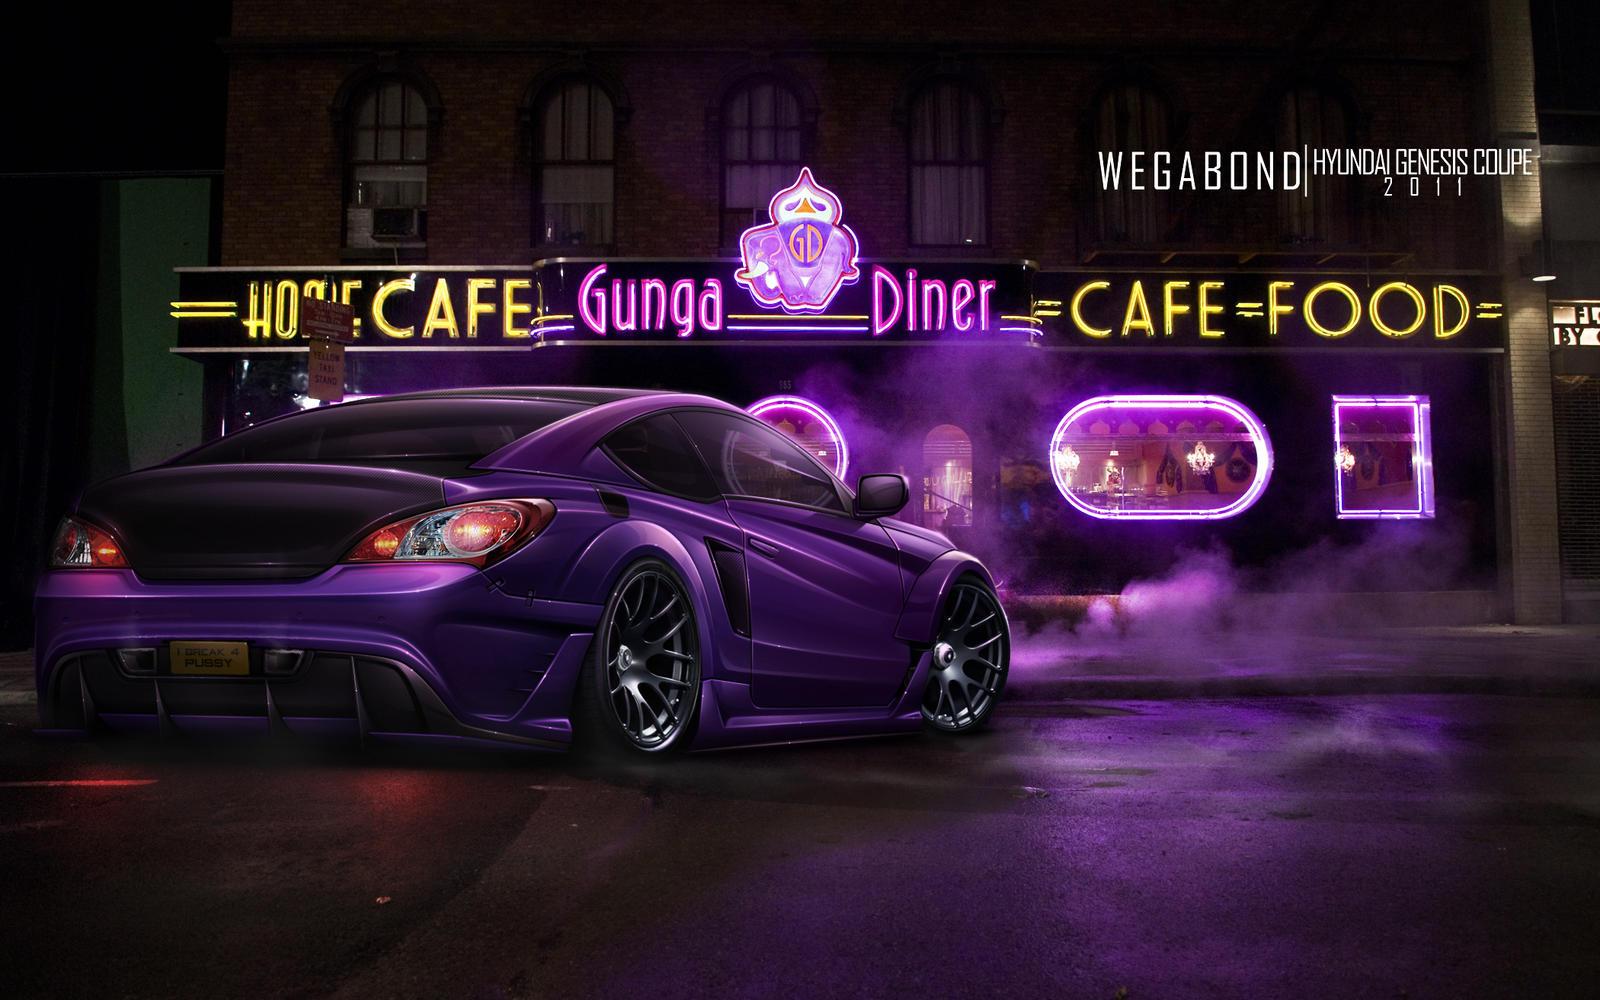 Hyundai Genesis Coupe Purple by wegabond